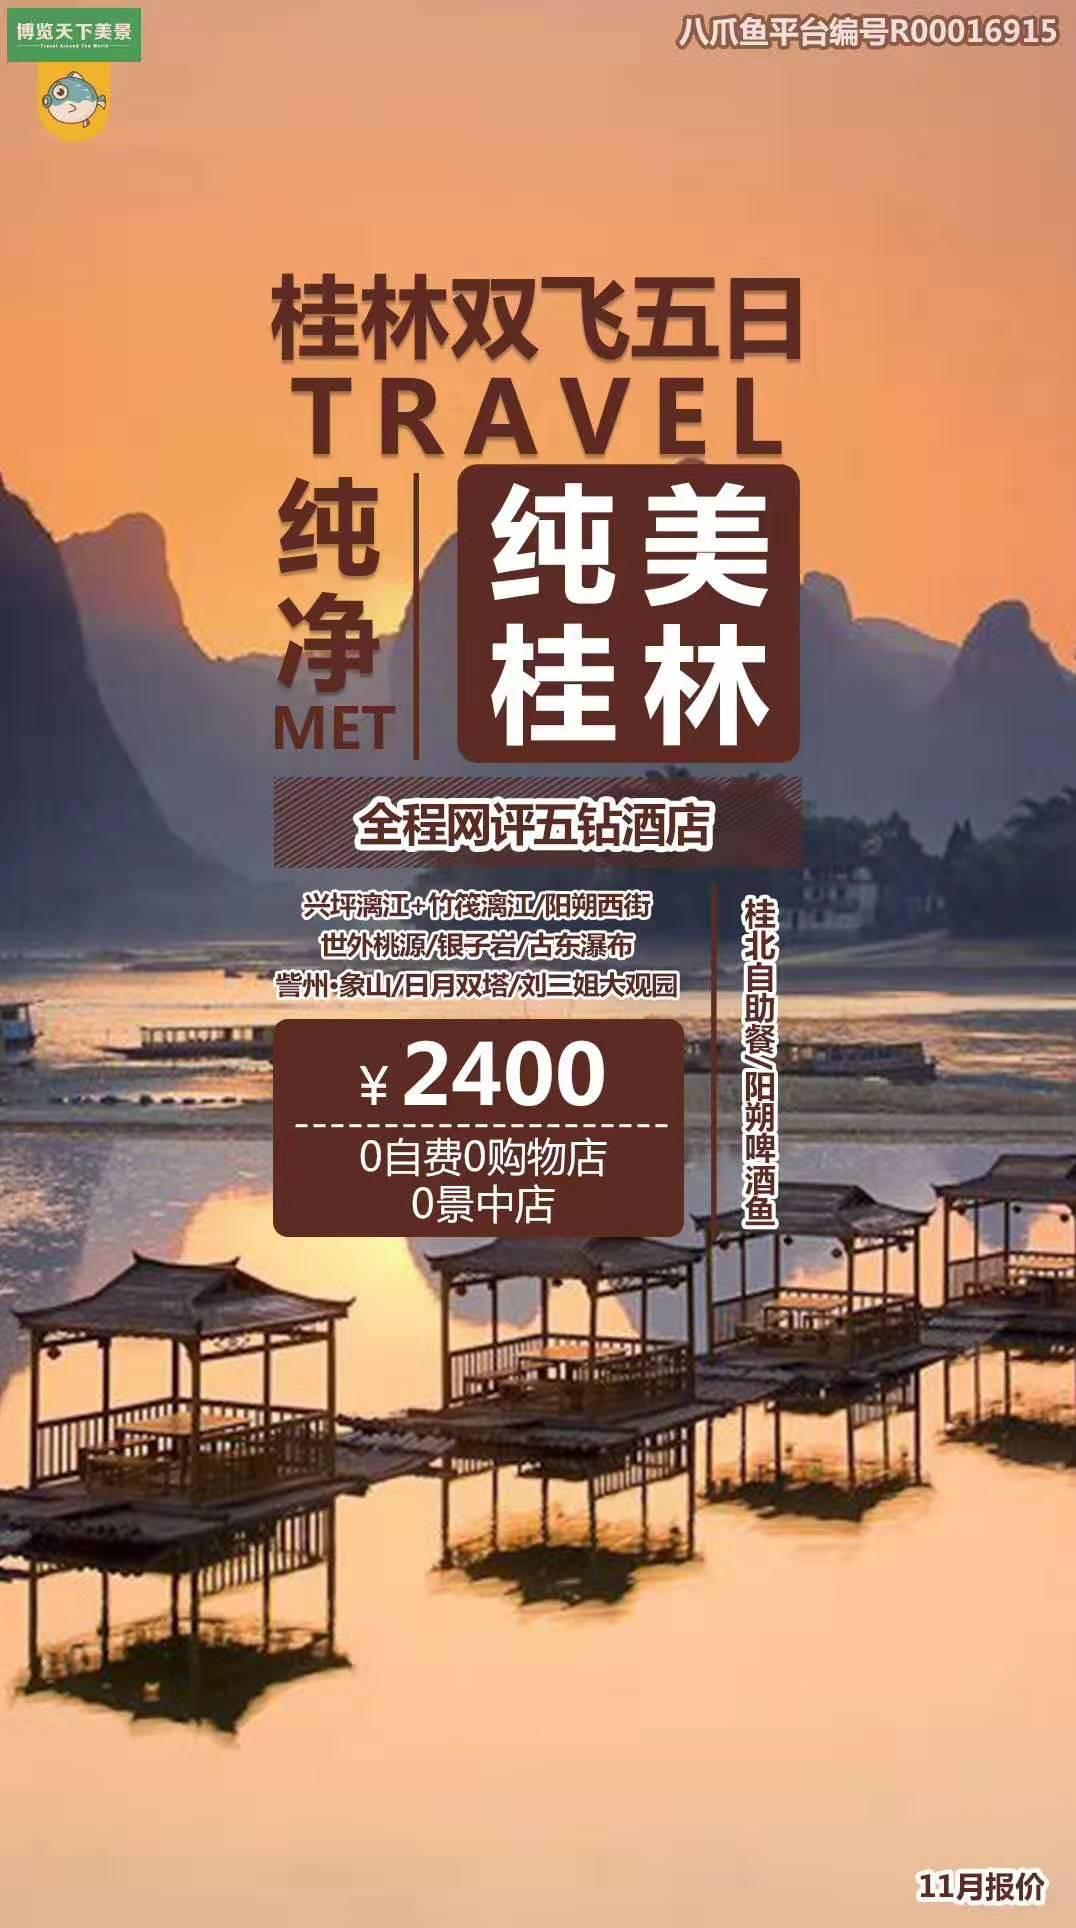 桂林4.jpg